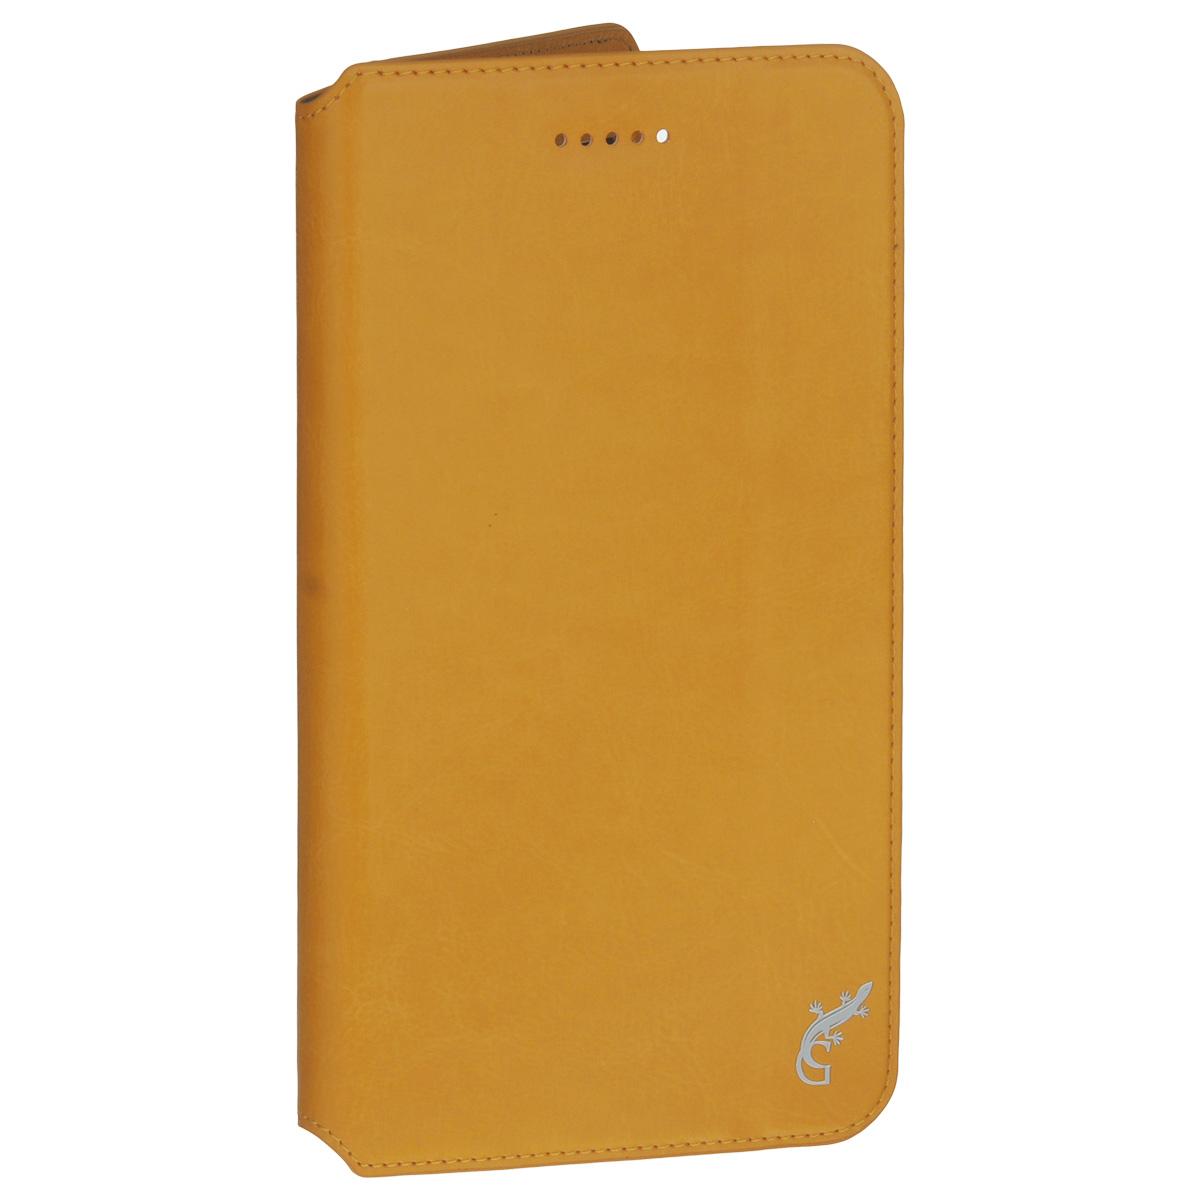 G-Case Executive чехол для Huawei MediaPad T1 7, OrangeGG-709Счастливые обладатели навороченных планшетов знают, как важно беречь устройство от негативных внешних и прочих механических воздействий. В противном случае можно довольно быстро расстаться с дорогостоящим гаджетом. Во избежание неприятных сюрпризов достаточно купить чехол G-Case Executive для Huawei MediaPad T1, чтобы наслаждаться своим смартфоном дома, на досуге или в дороге. Чехол-книжка тщательно продуман разработчиками для обеспечения максимальной защиты электронного устройства от пыли, влаги, грязи, ударов, падений, царапин и потертостей.